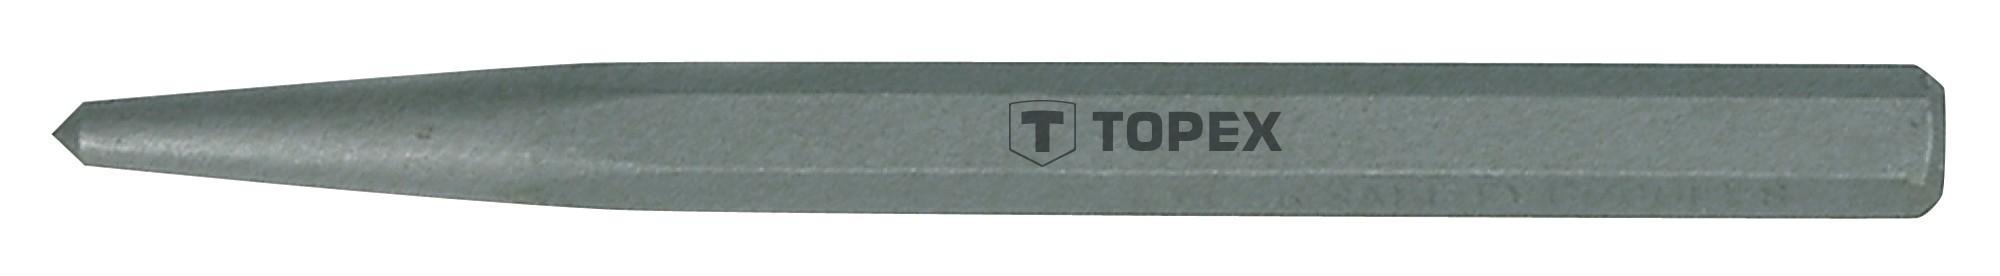 Pontozó 9,4 mm x 128 mm | TOPEX 03A442